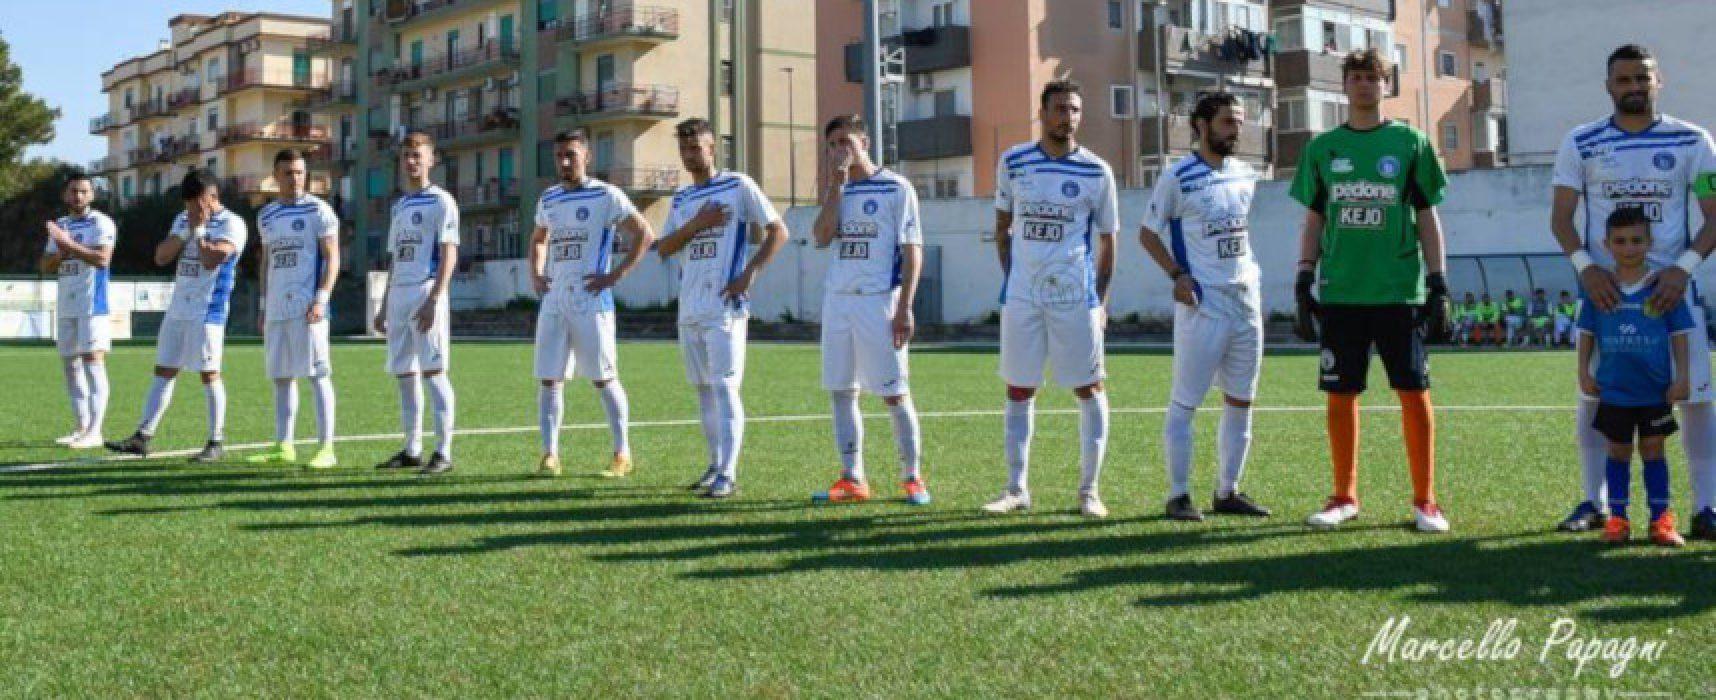 Unione Calcio-salvezza: di mezzo c'è il Brindisi